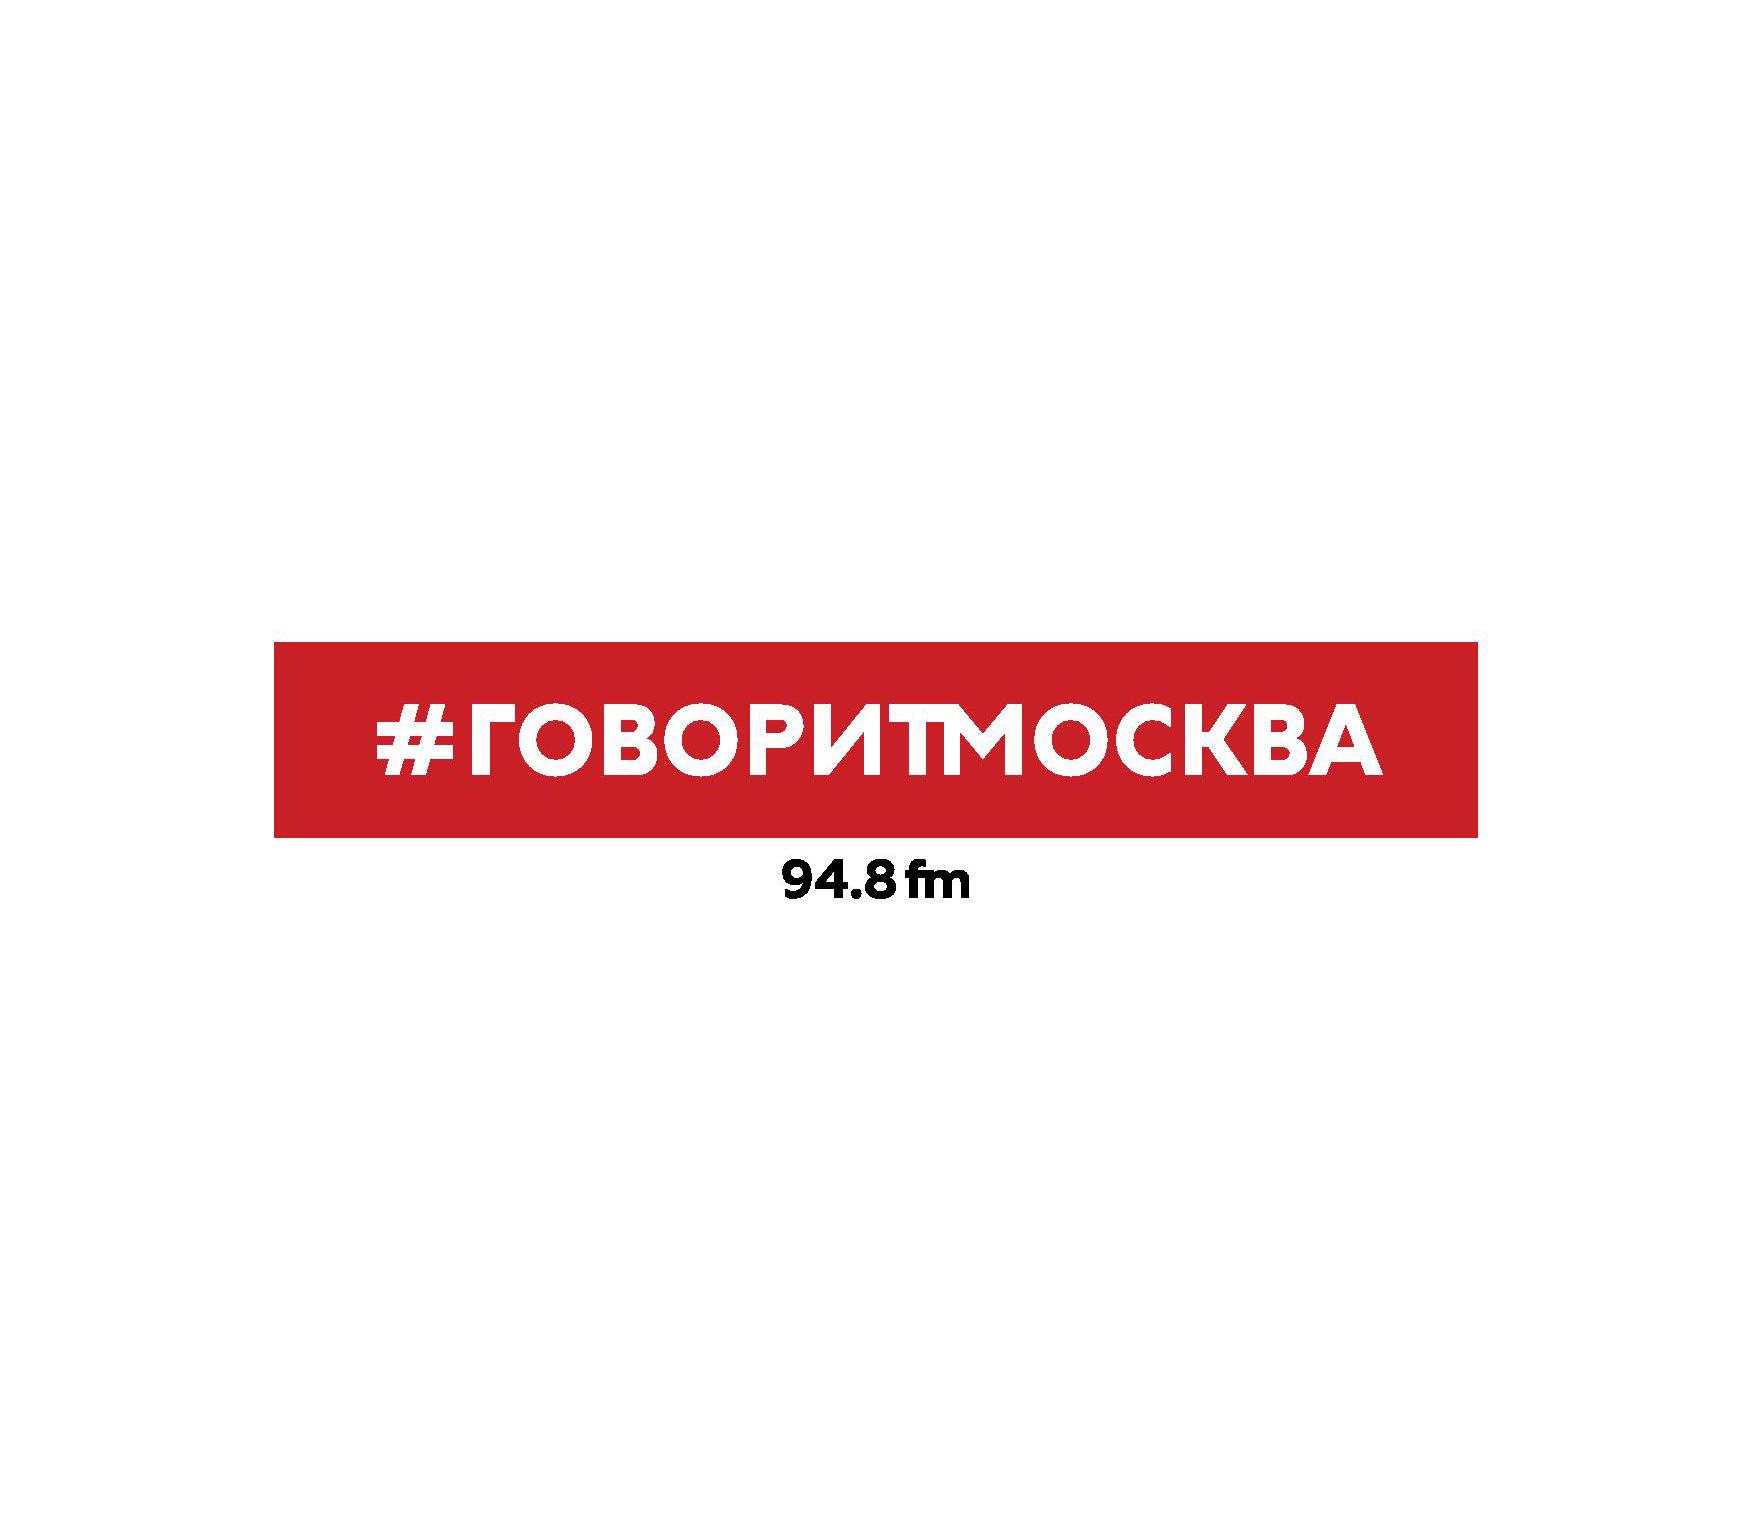 Станислав Симонов Музеи Москвы станислав симонов театры москвы